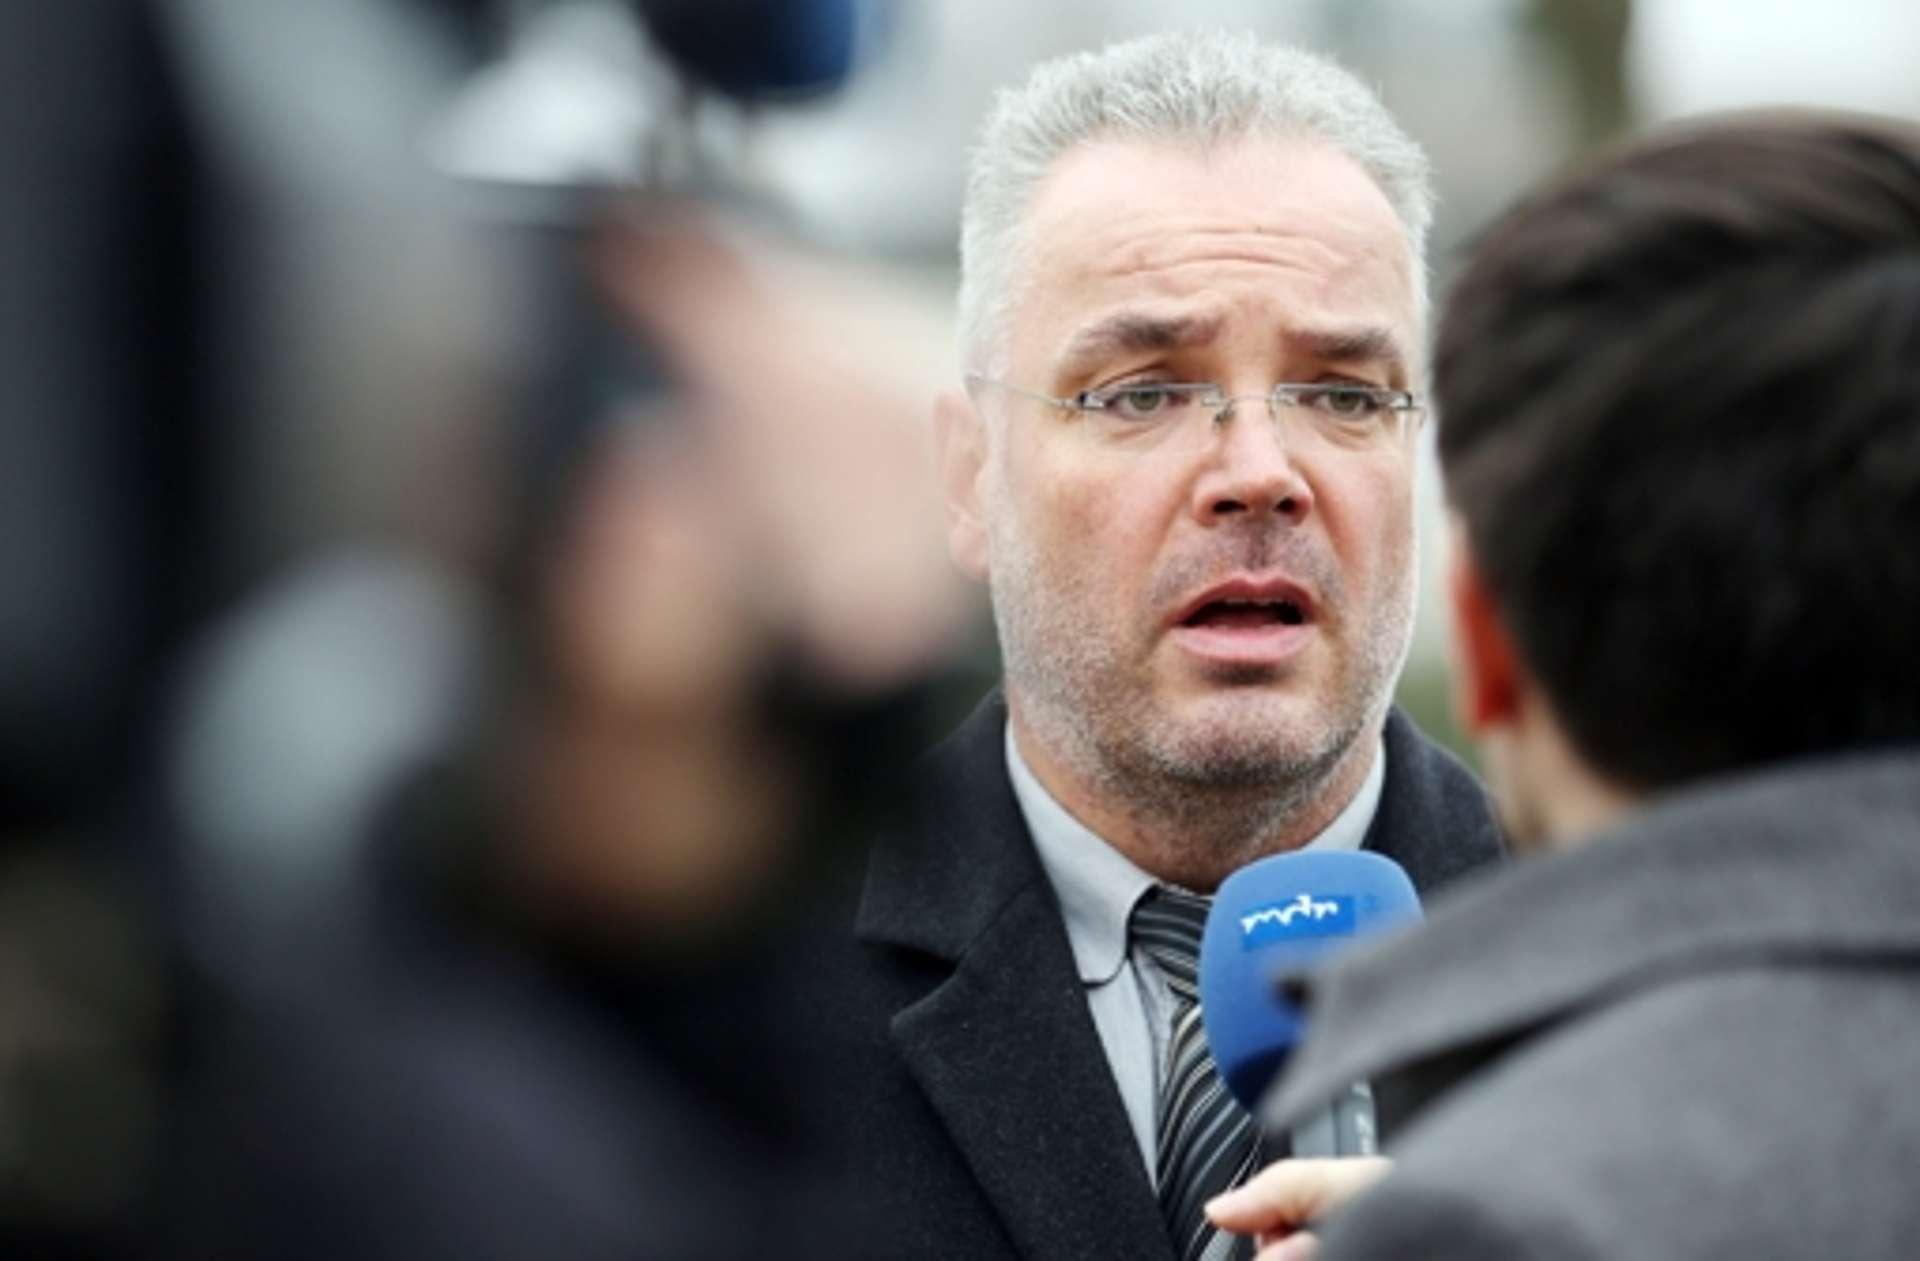 Rücktritt wegen NPD: Ich als kleiner Ortsbürgermeister bin